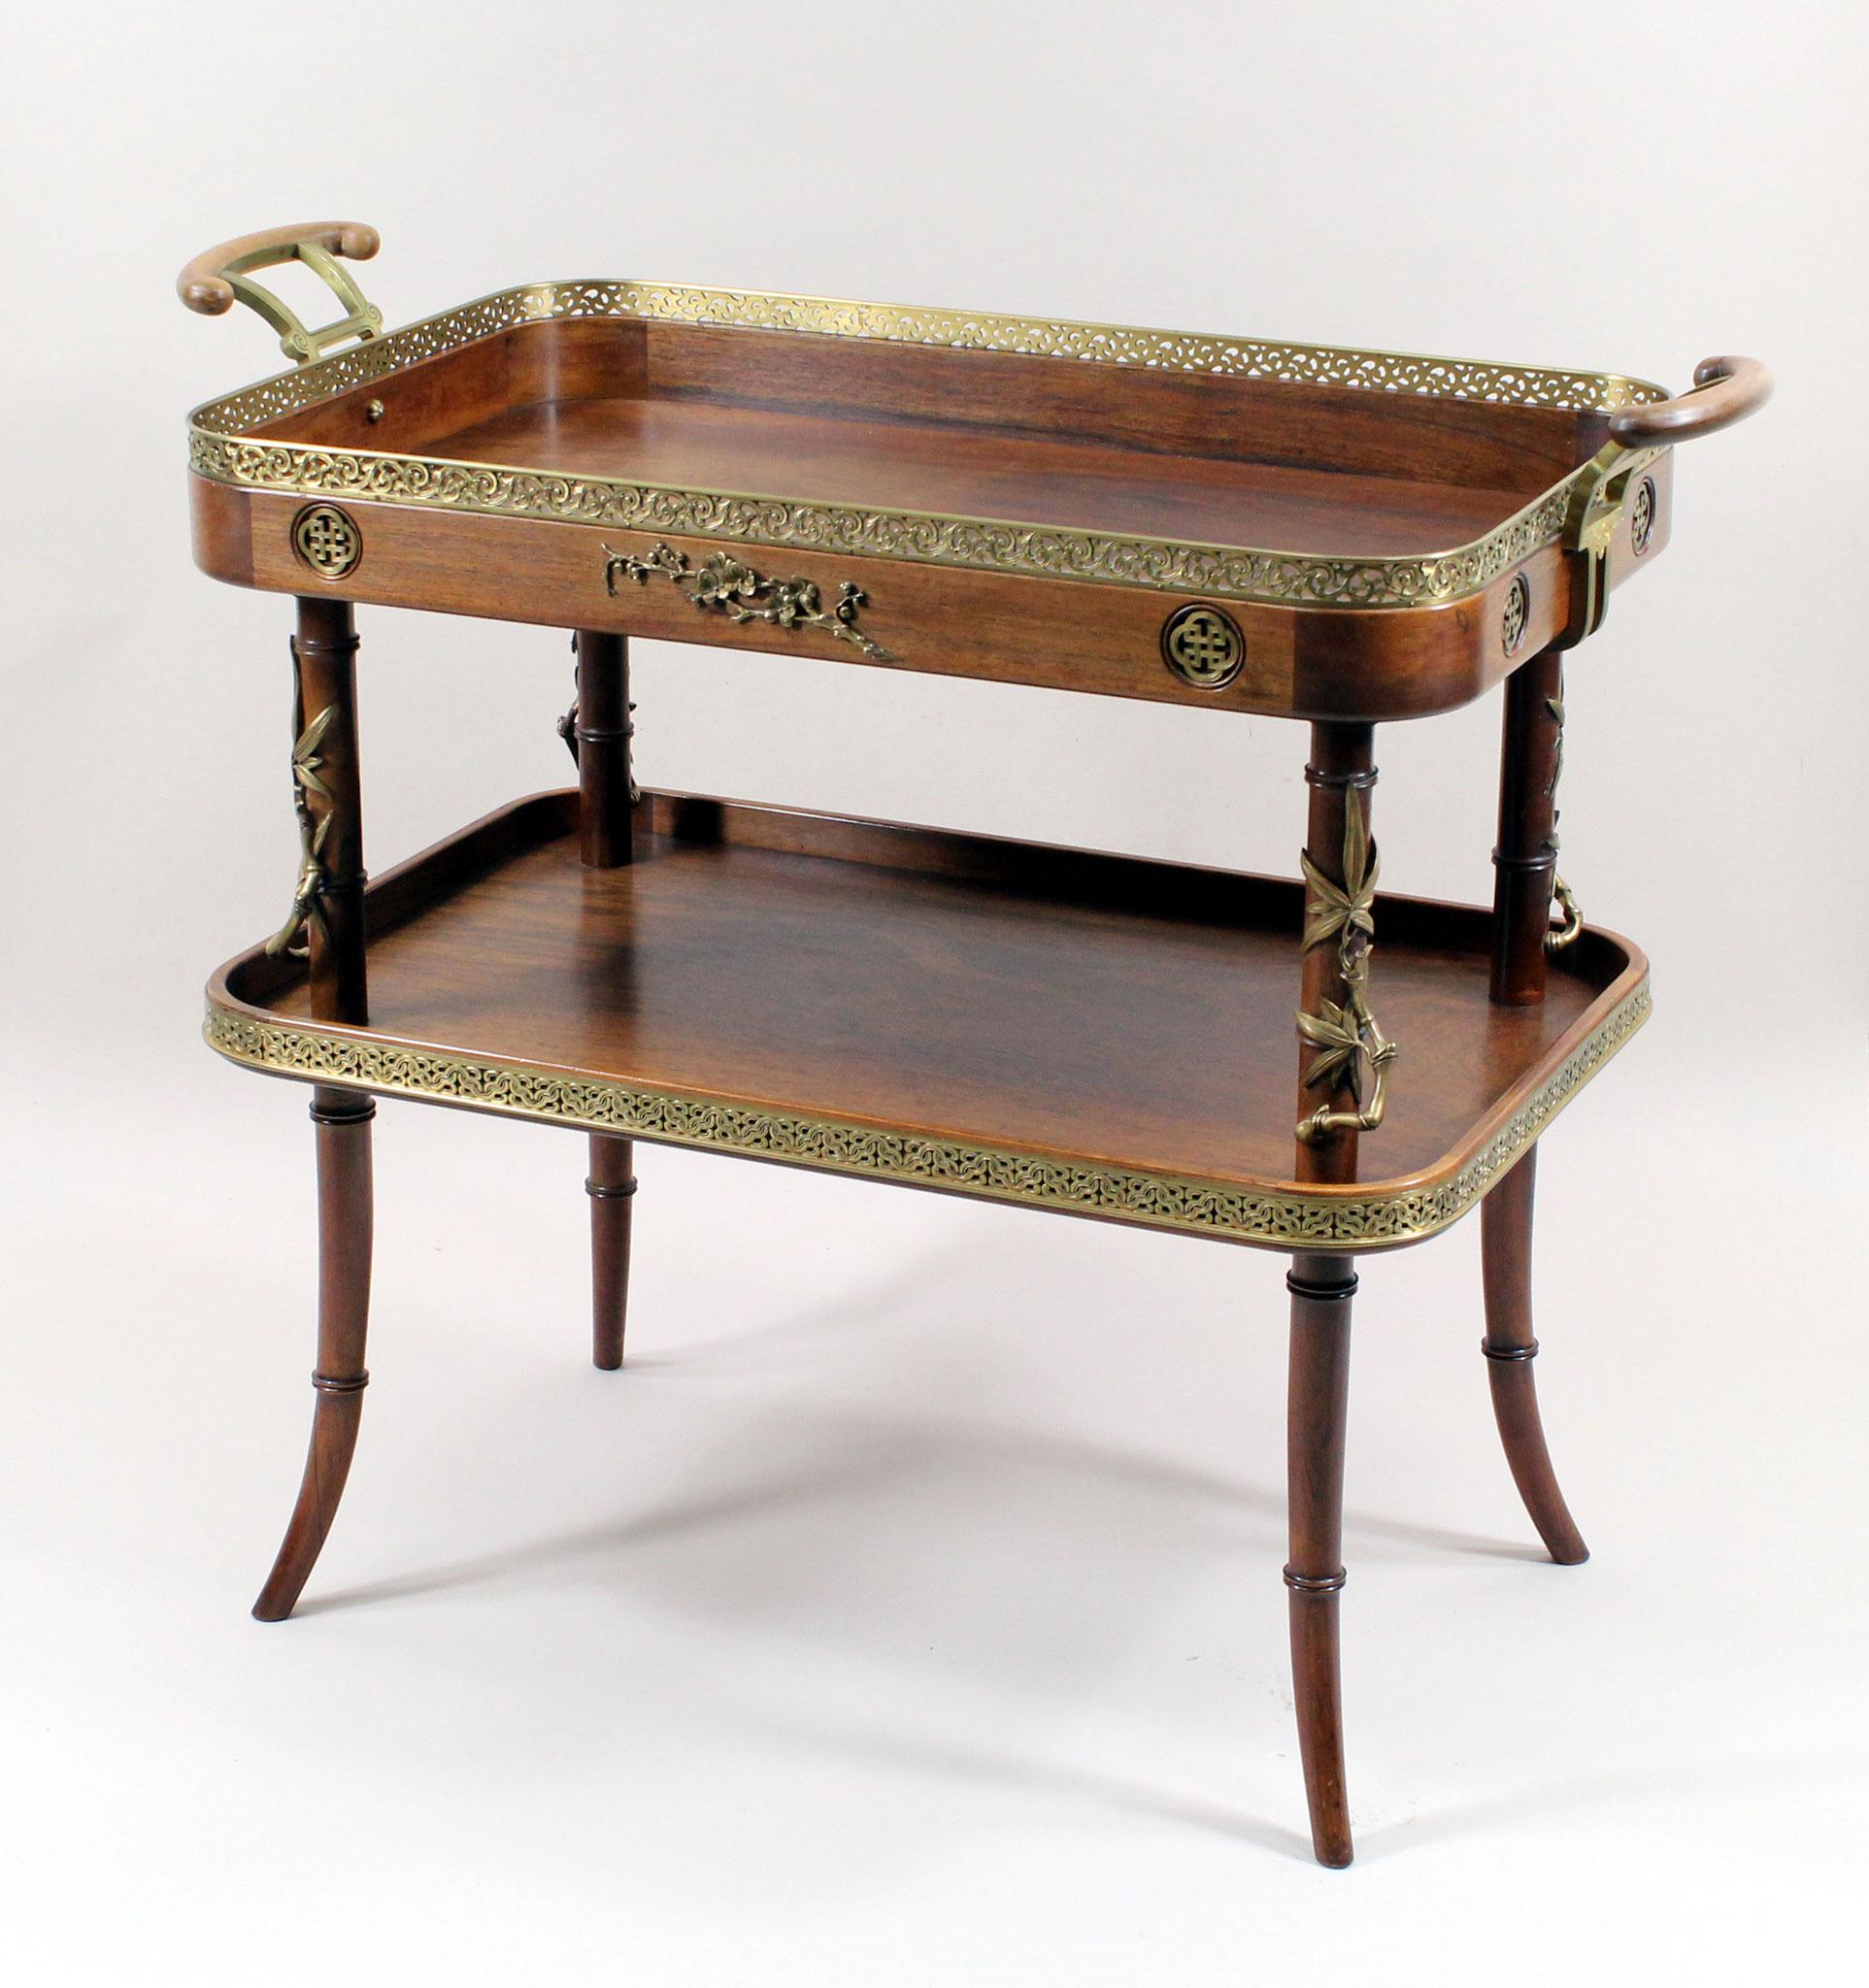 Adjugé 95 530 € - Maison Paul SORMANI et Edouard LIEVRE. TABLE à thé en noyer et placage, dans le style japonais, vers 1870-1880, 80 x 95 x 48 cm